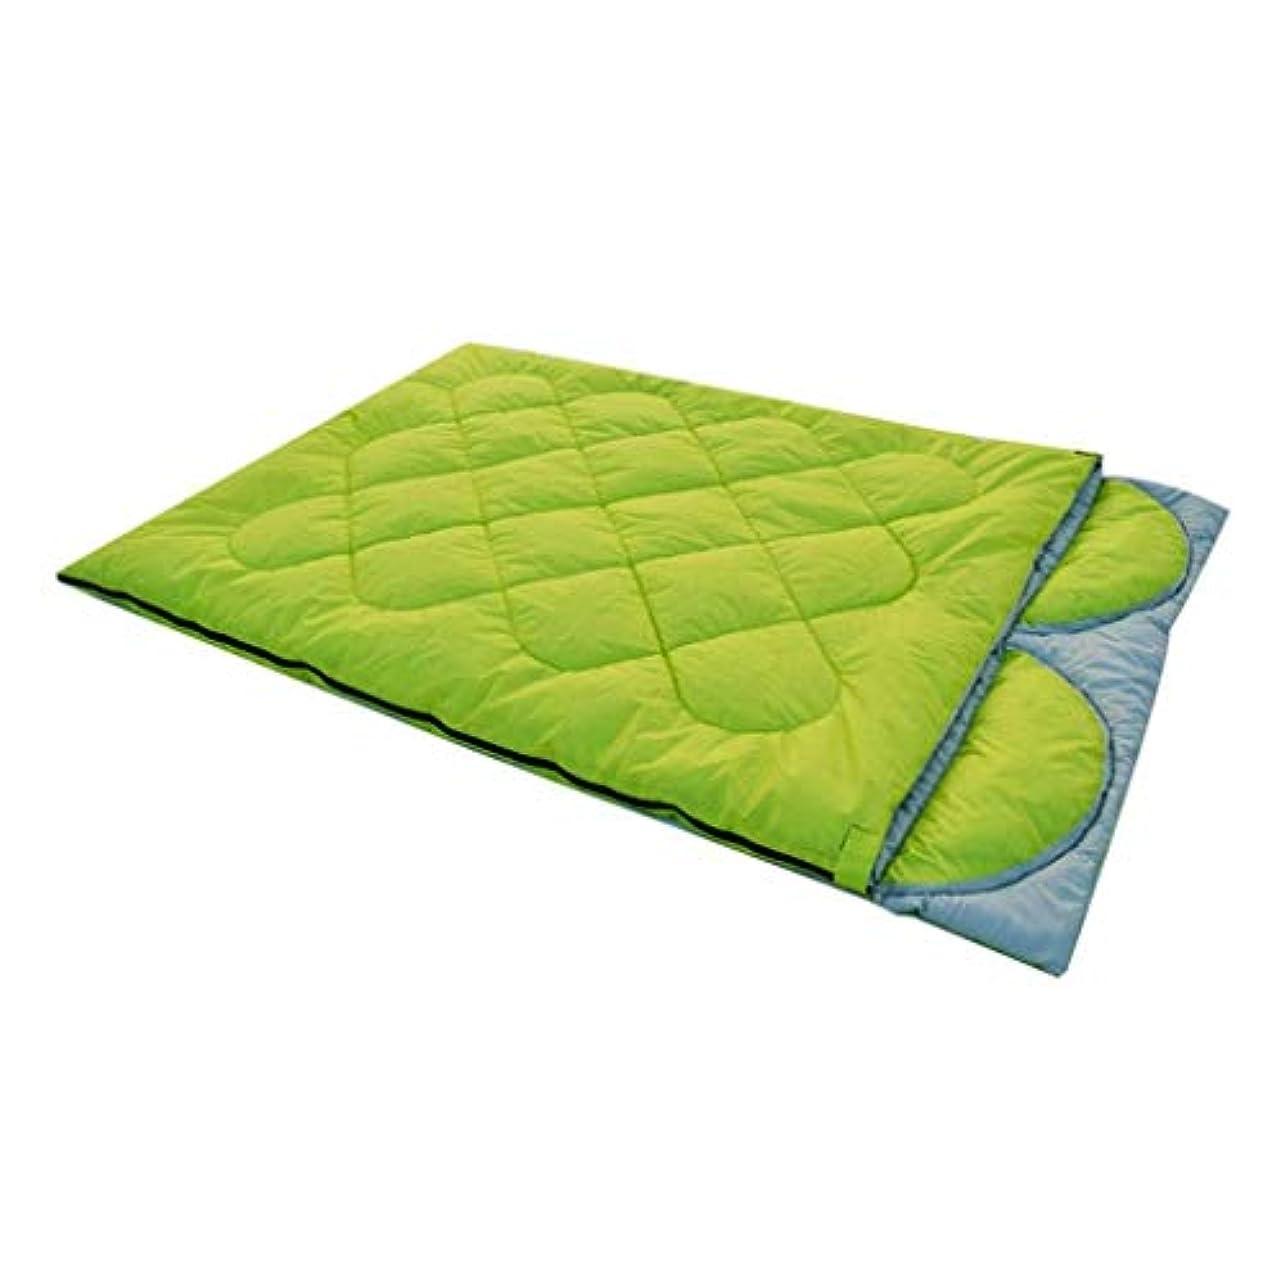 チャンス迅速海里カップル寝袋ダブル屋外取り外し可能な枕キャンプ秋と冬のファッションスタイル